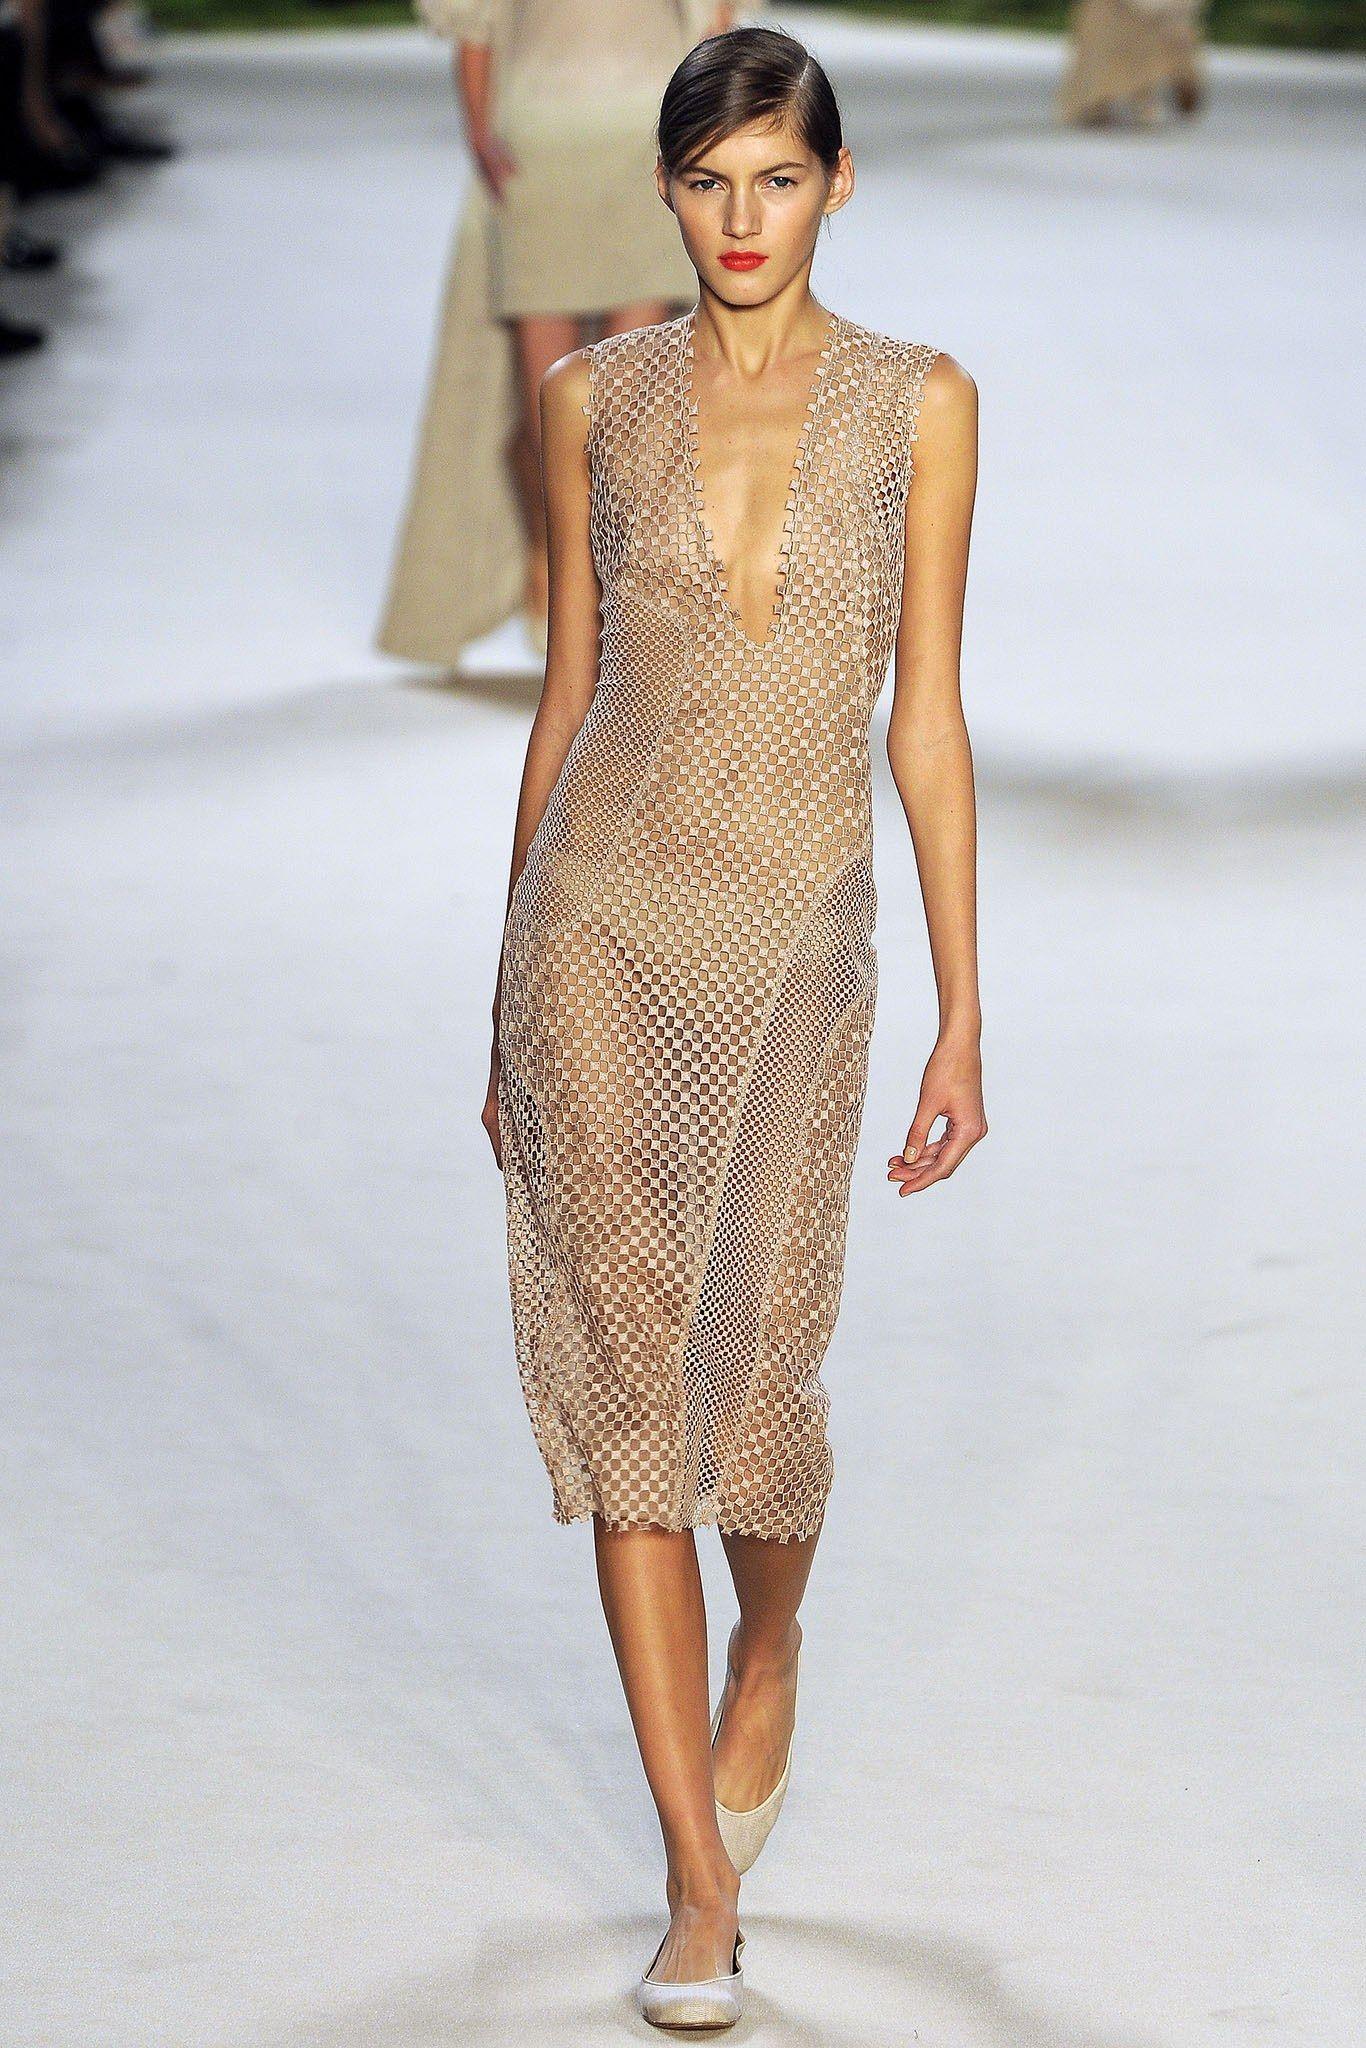 Akris Spring 2013 Ready-to-Wear Fashion Show - Valery Kaufman (Elite)